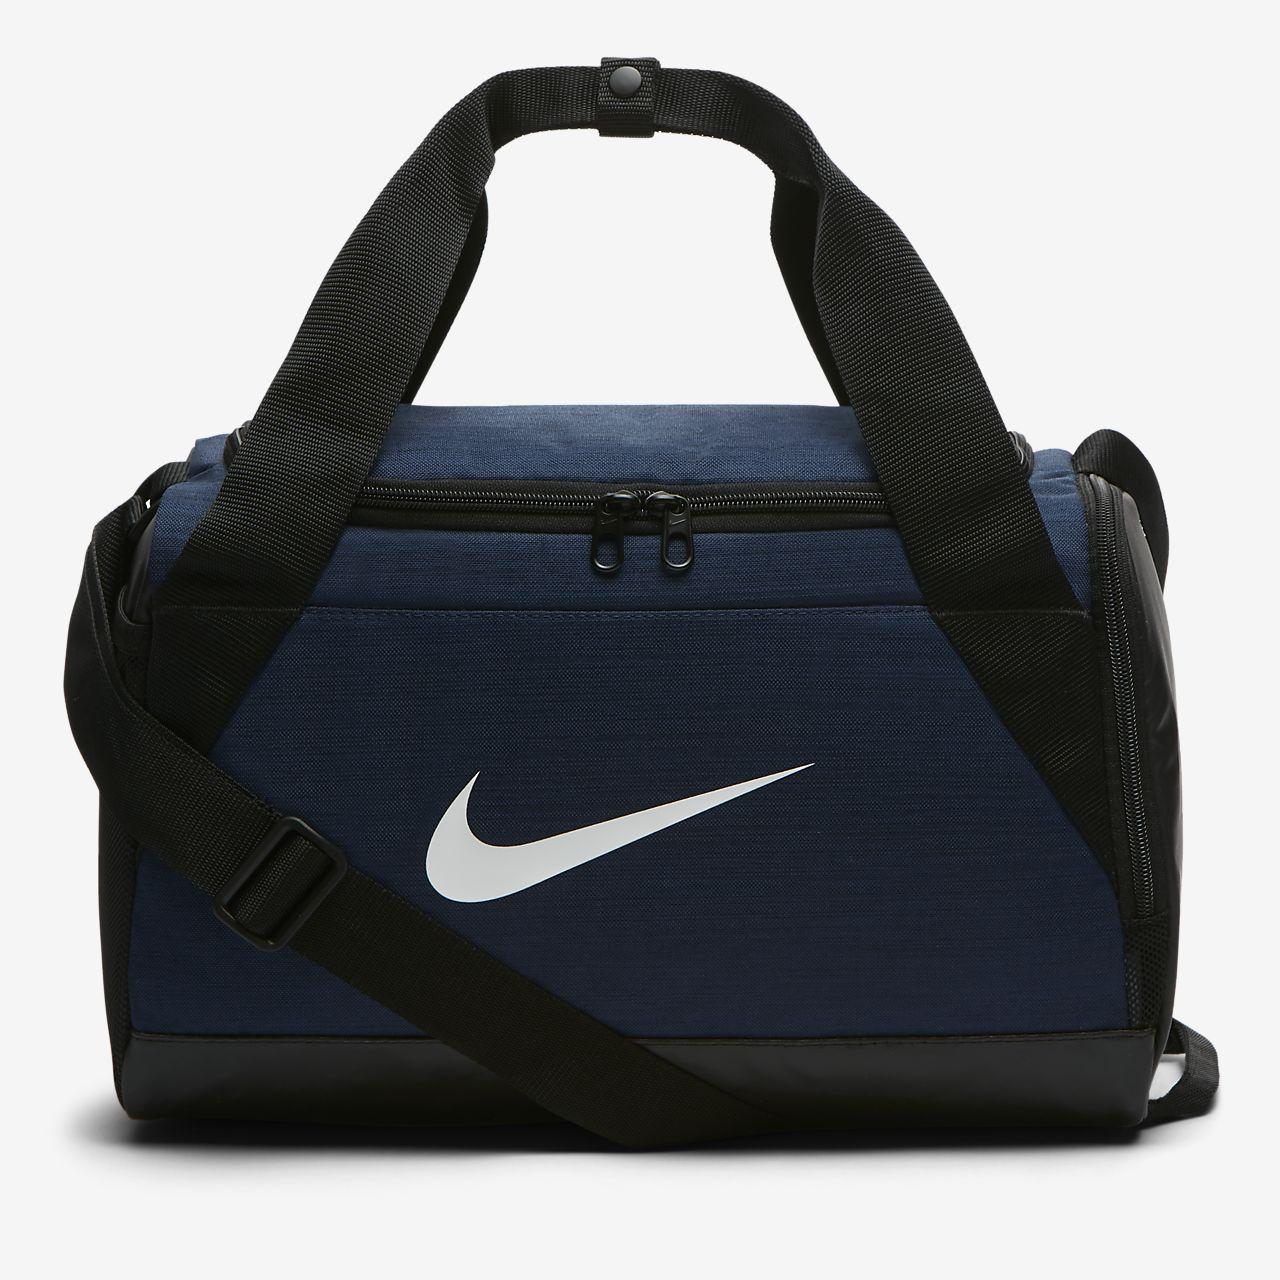 Torba treningowa Nike Brasilia (bardzo mała)